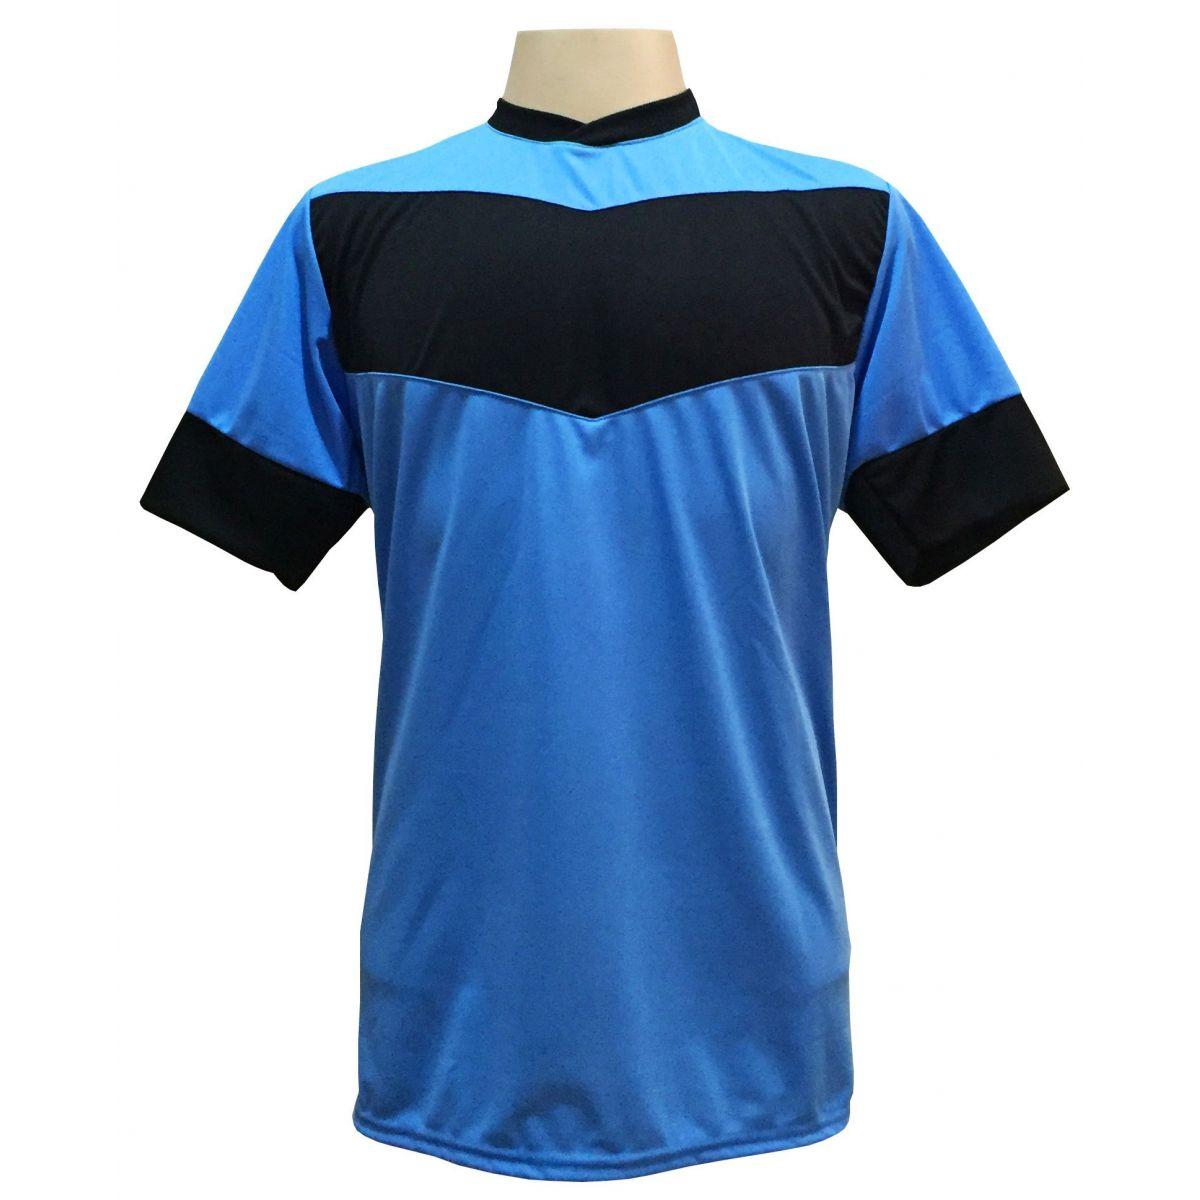 Camisa + Goleiro · Jogo de Camisa 18 + 1. zoom ed2d125880bc1